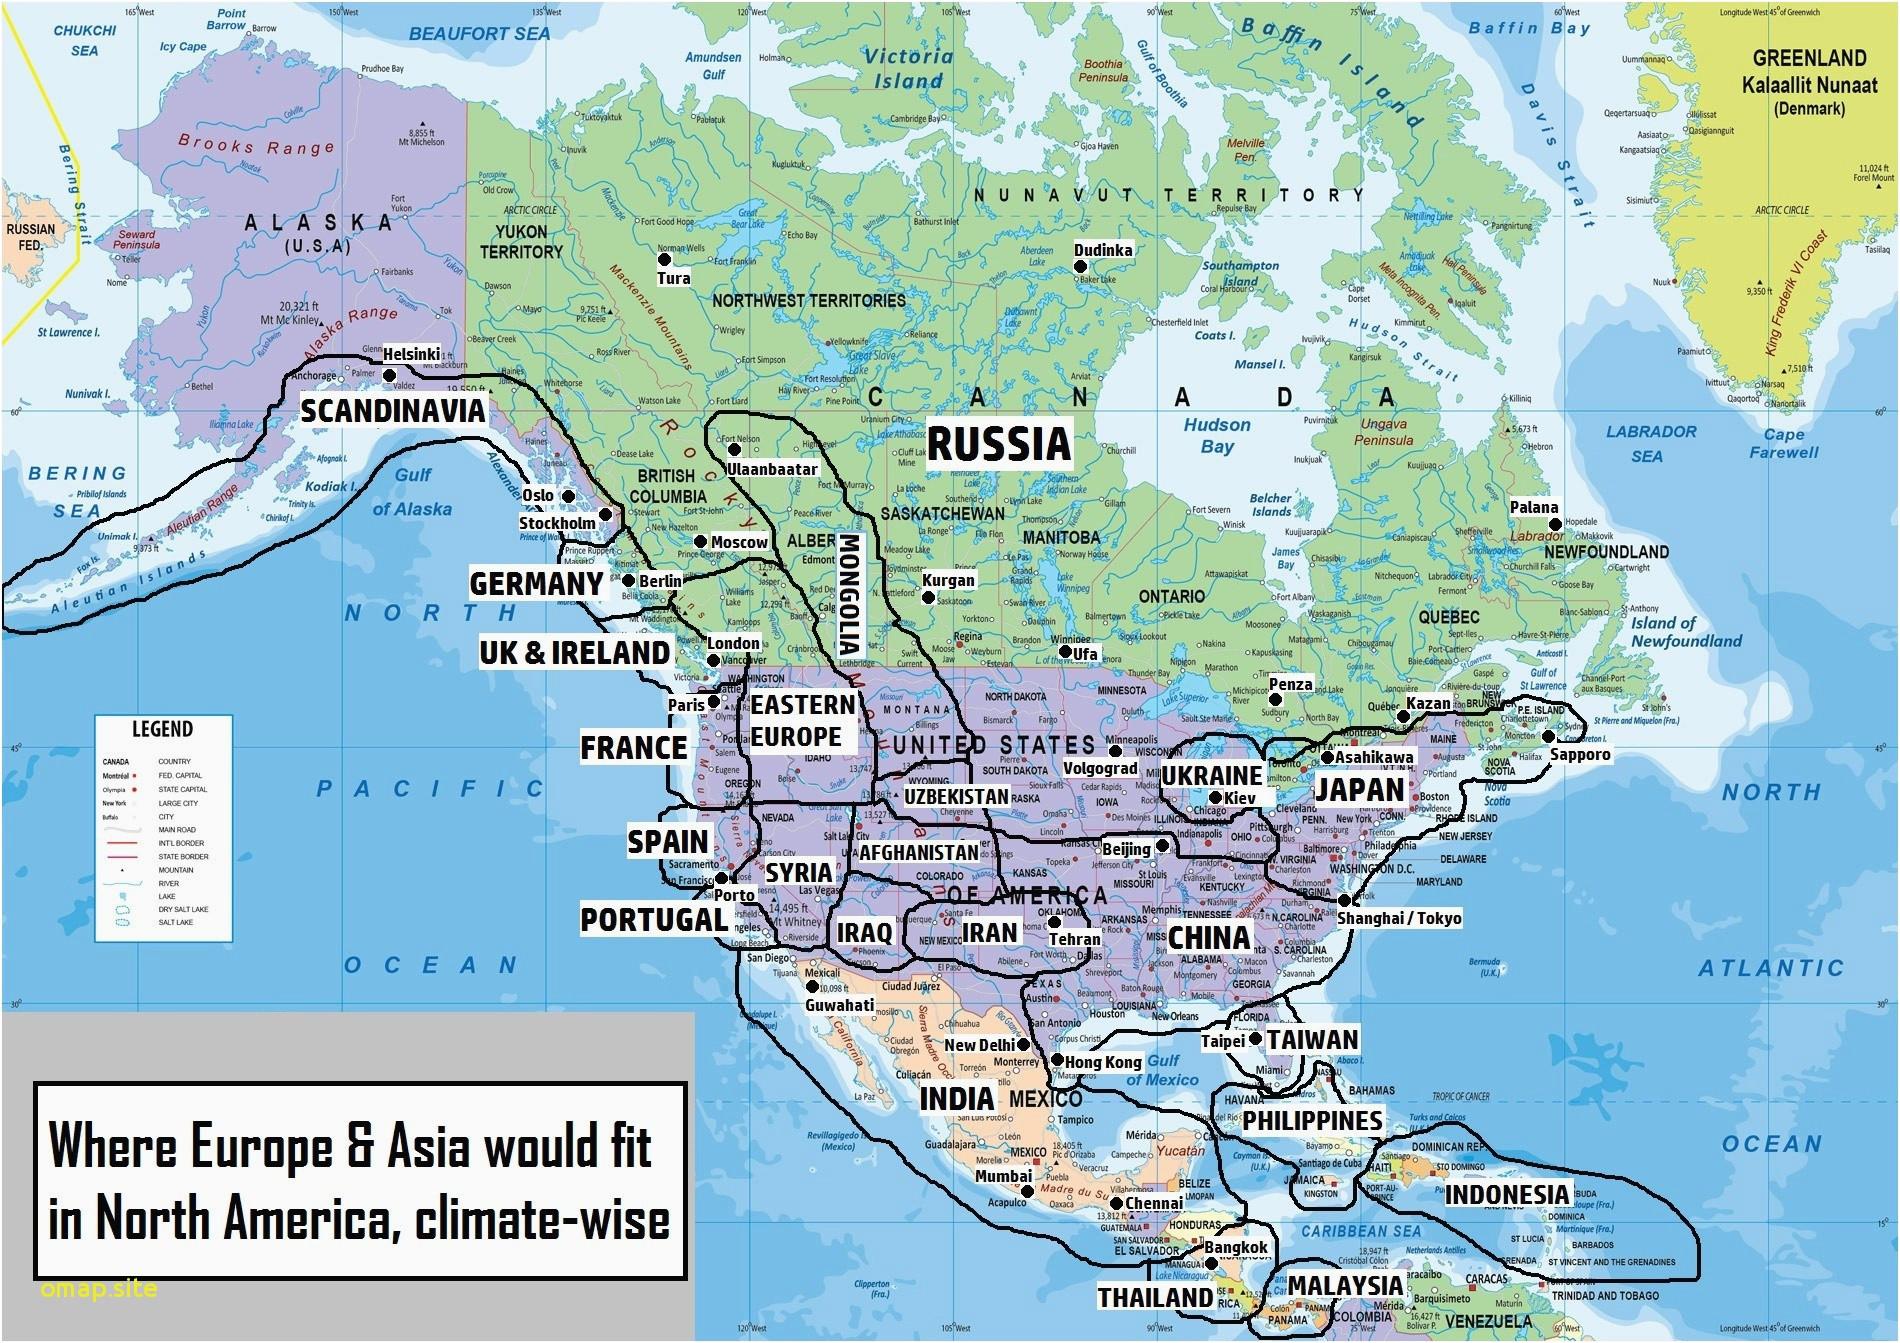 Florida On The World Map.North Carolina On World Map Secretmuseum